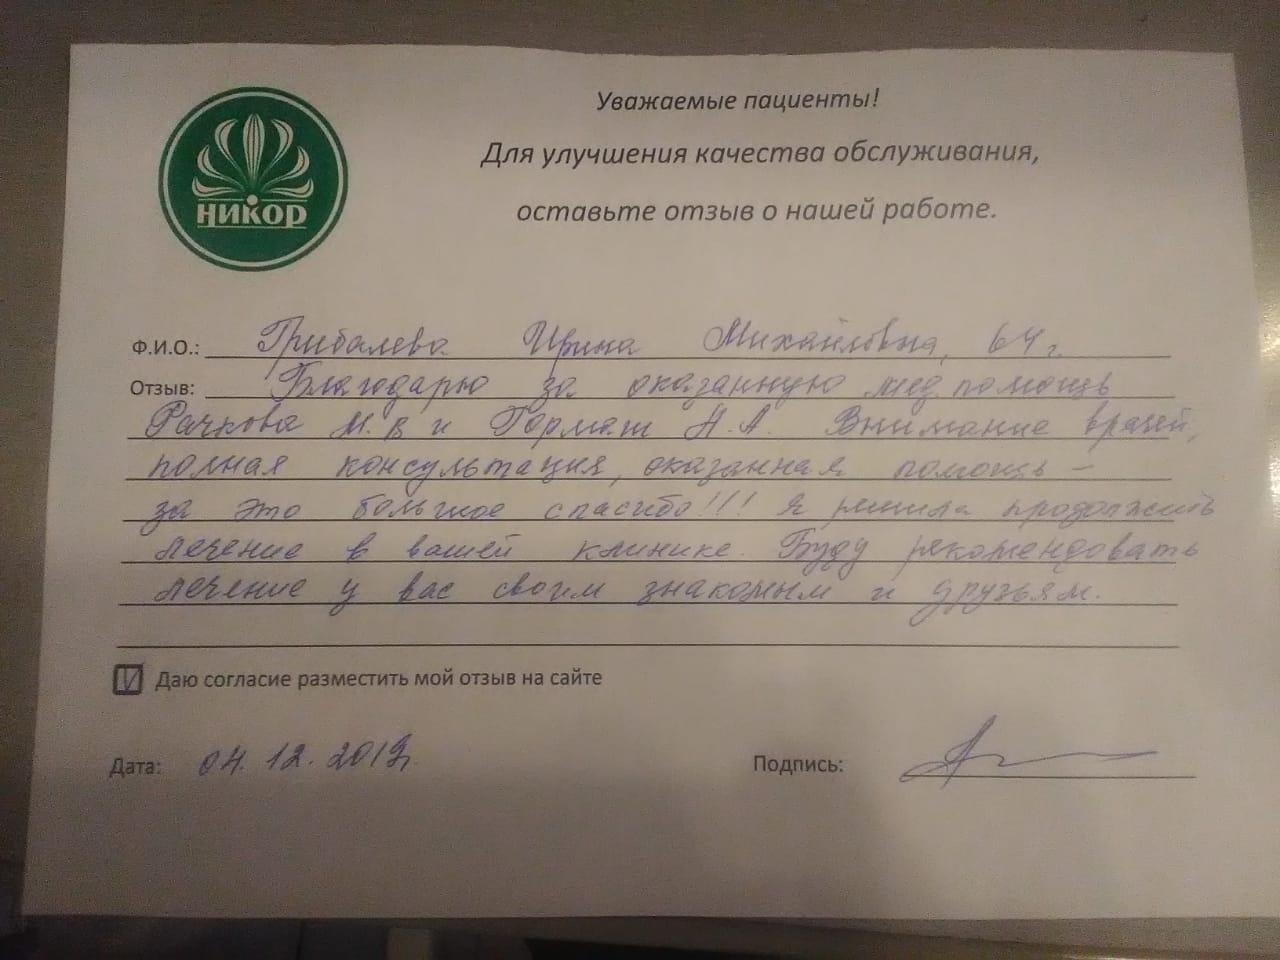 Ирина Михайловна Г.